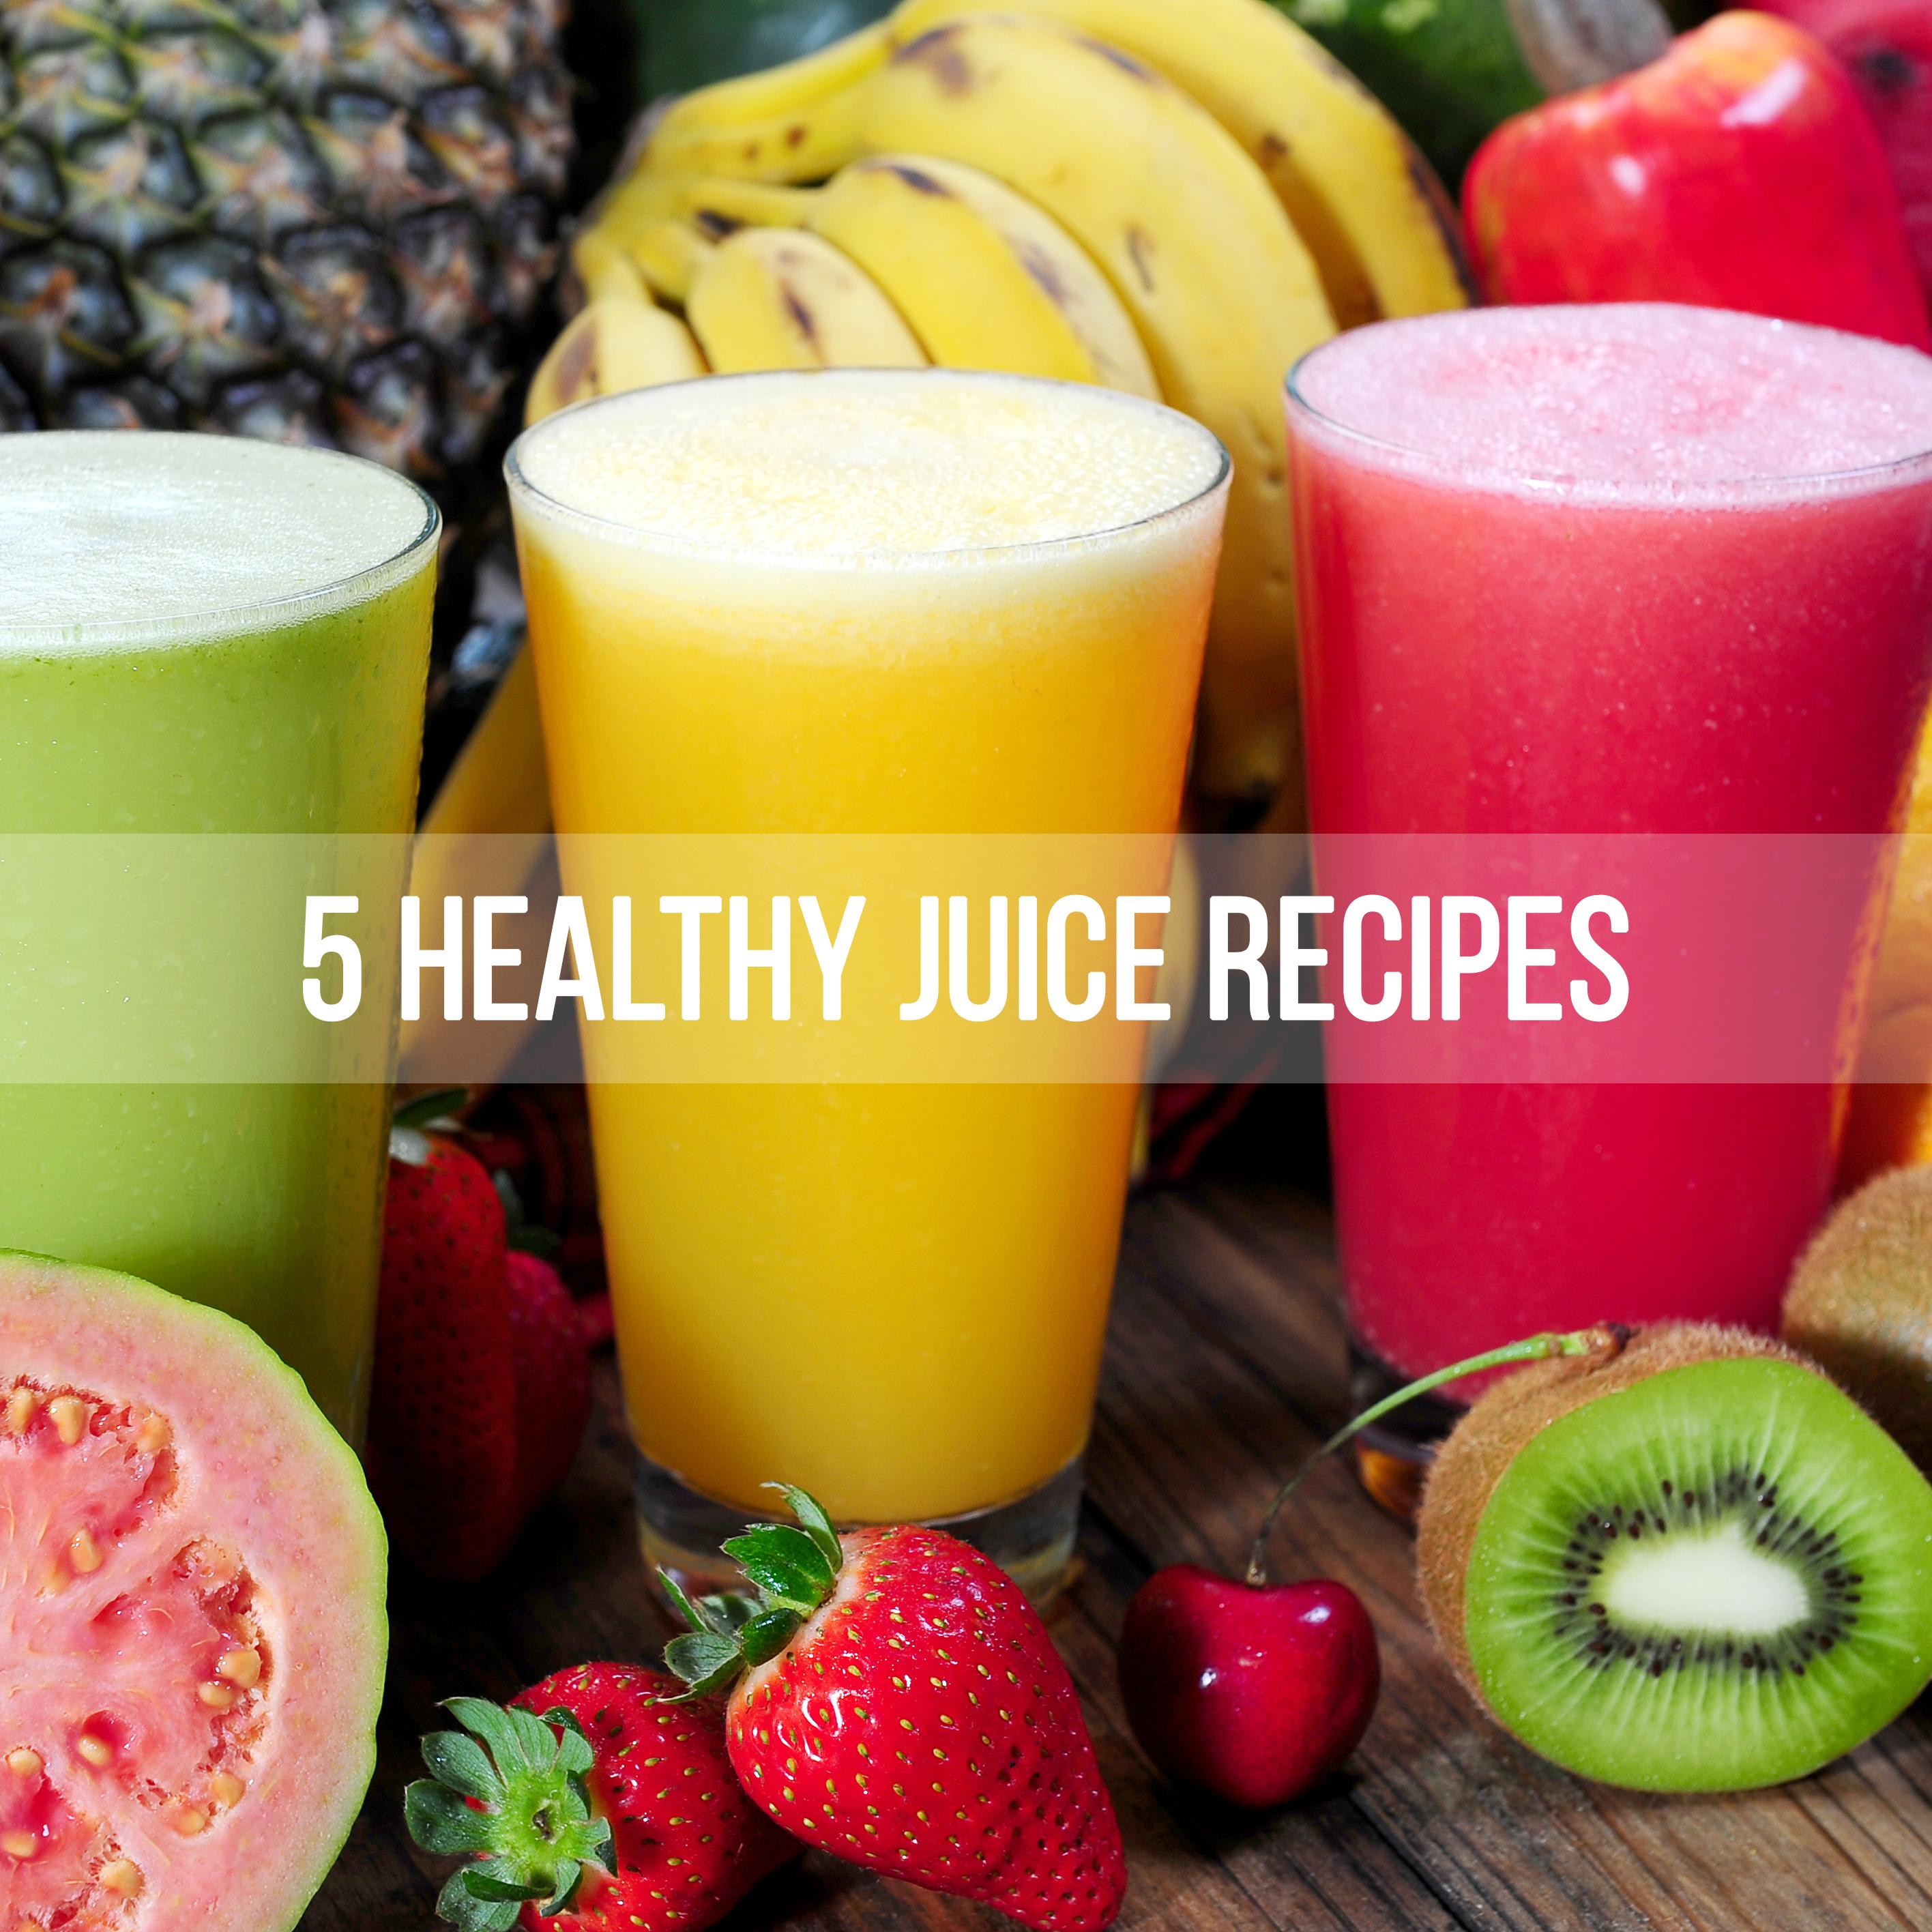 5 Healthy Juice Recipes